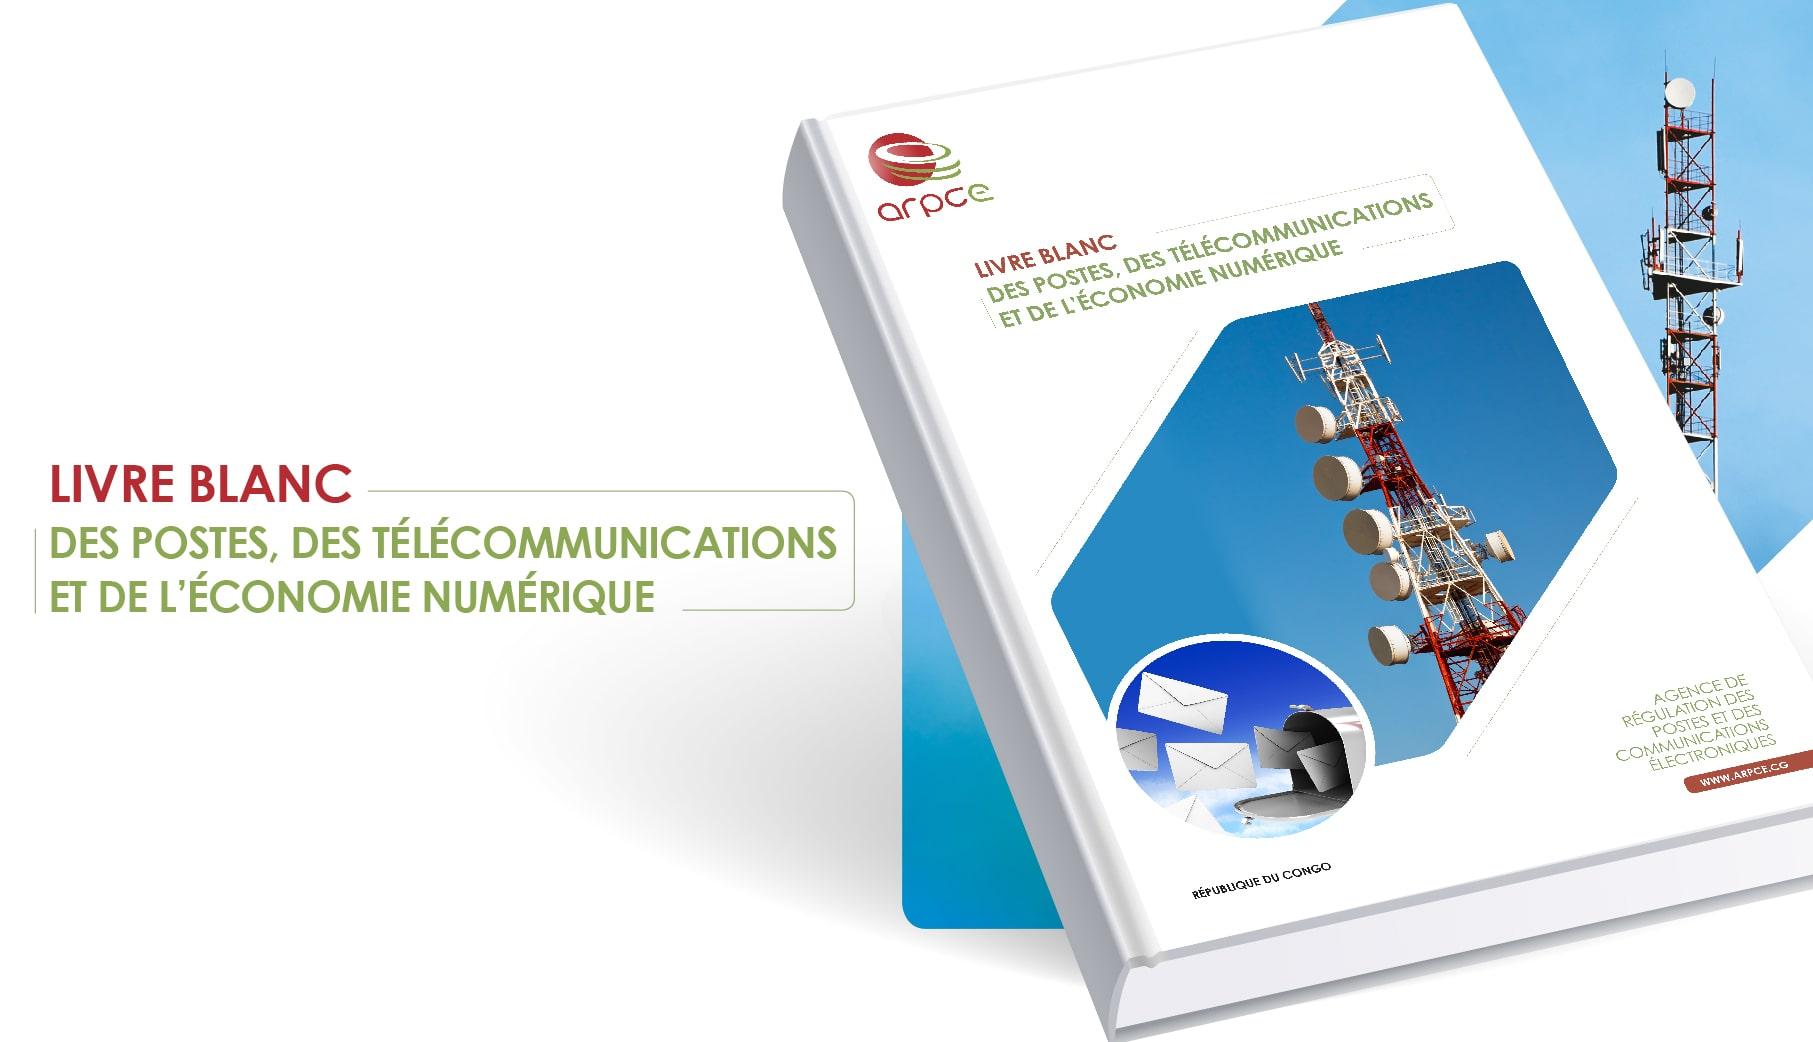 Activités de Régulation : l'ARPCE présente le 1er Livre Blanc sur les Postes, les télécommunications et l'économie numérique en République du Congo